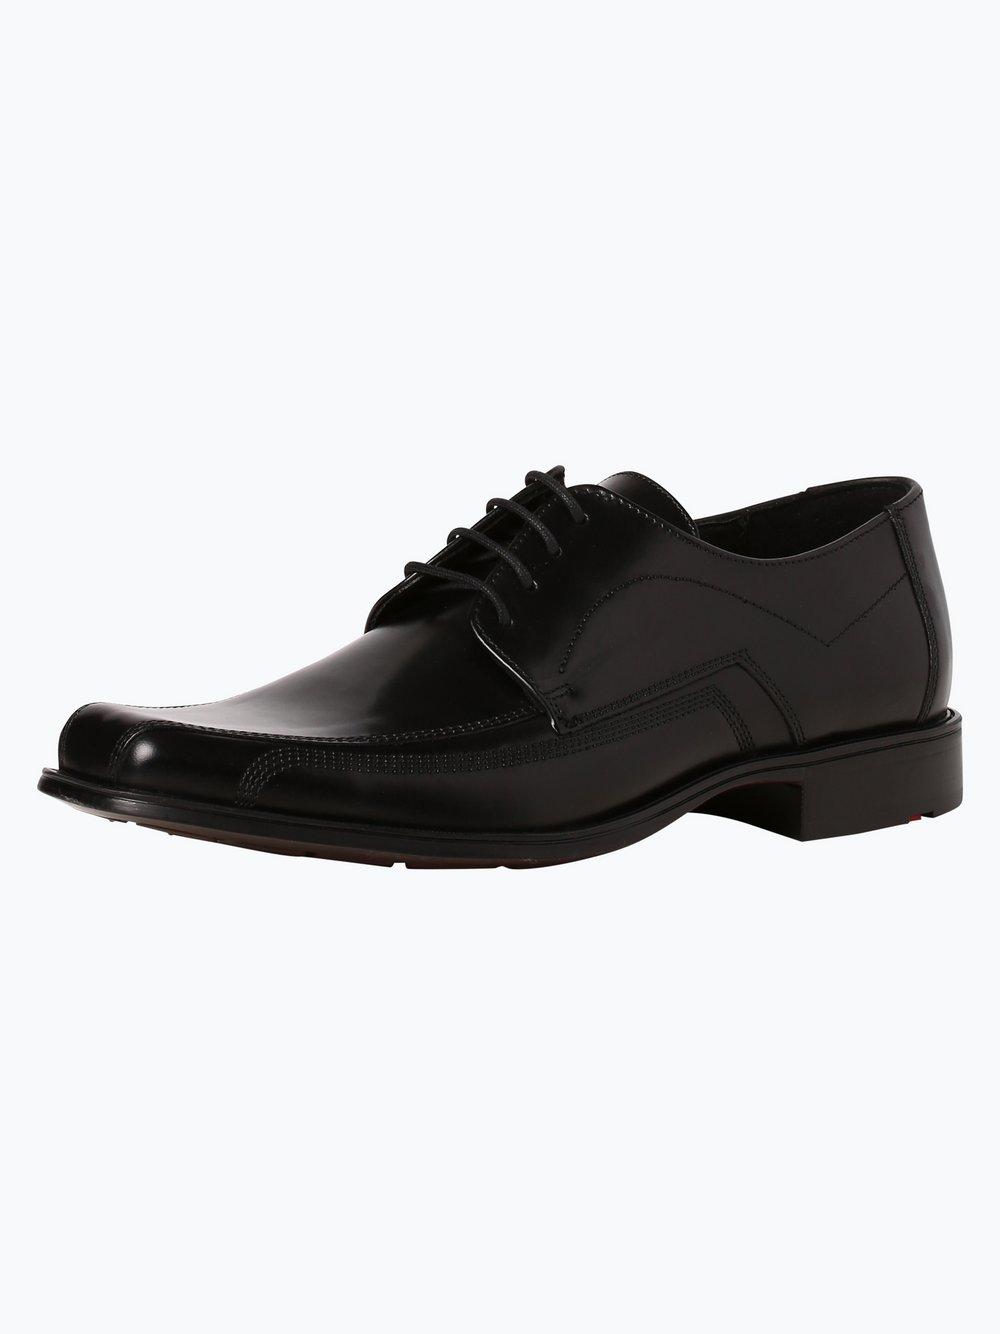 Lloyd - Męskie buty sznurowane ze skóry – Dagan, czarny